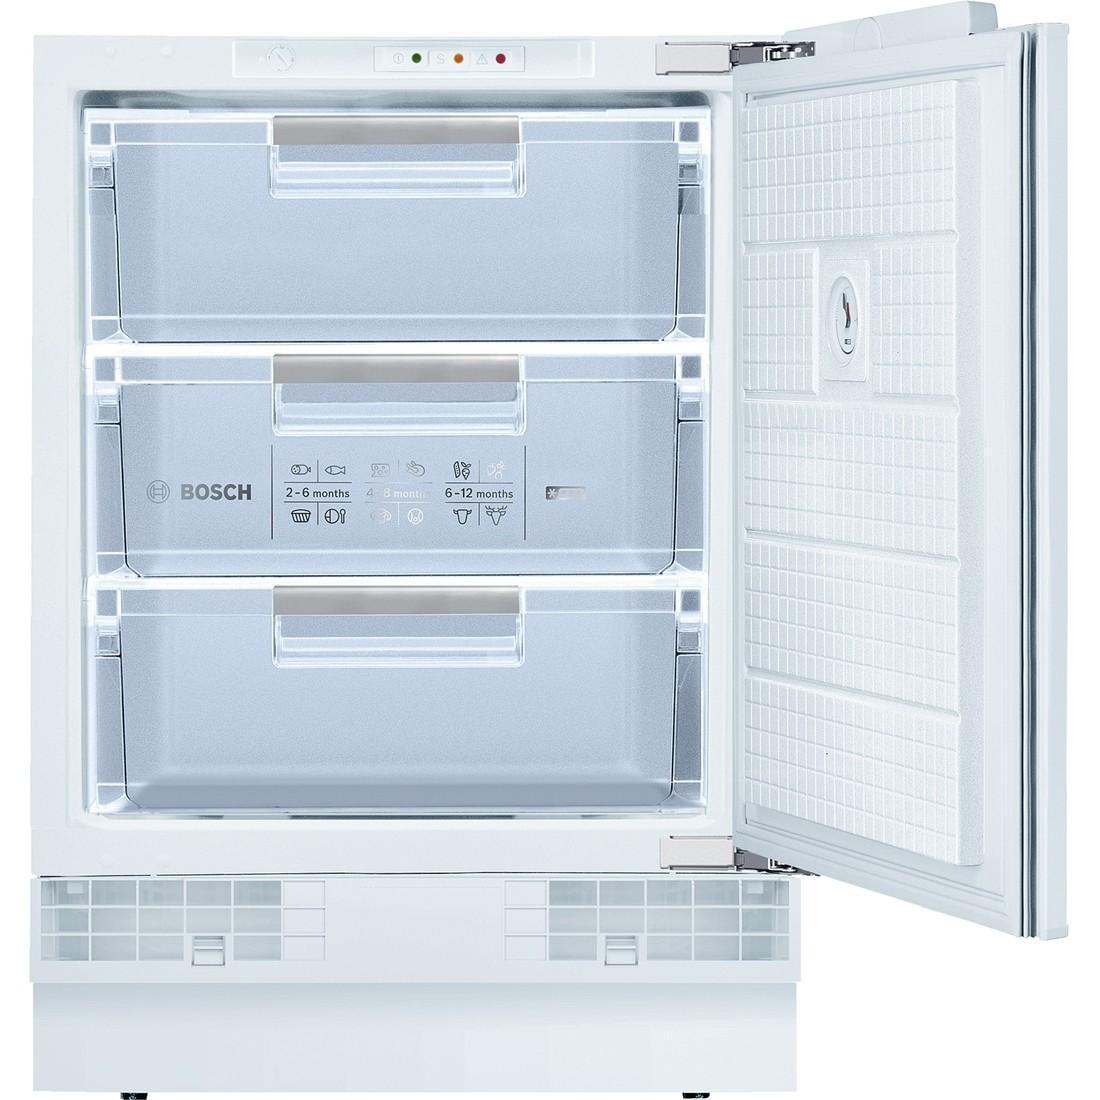 Bosch GUD15A50RU встраиваемый морозильникGUD15A50RU